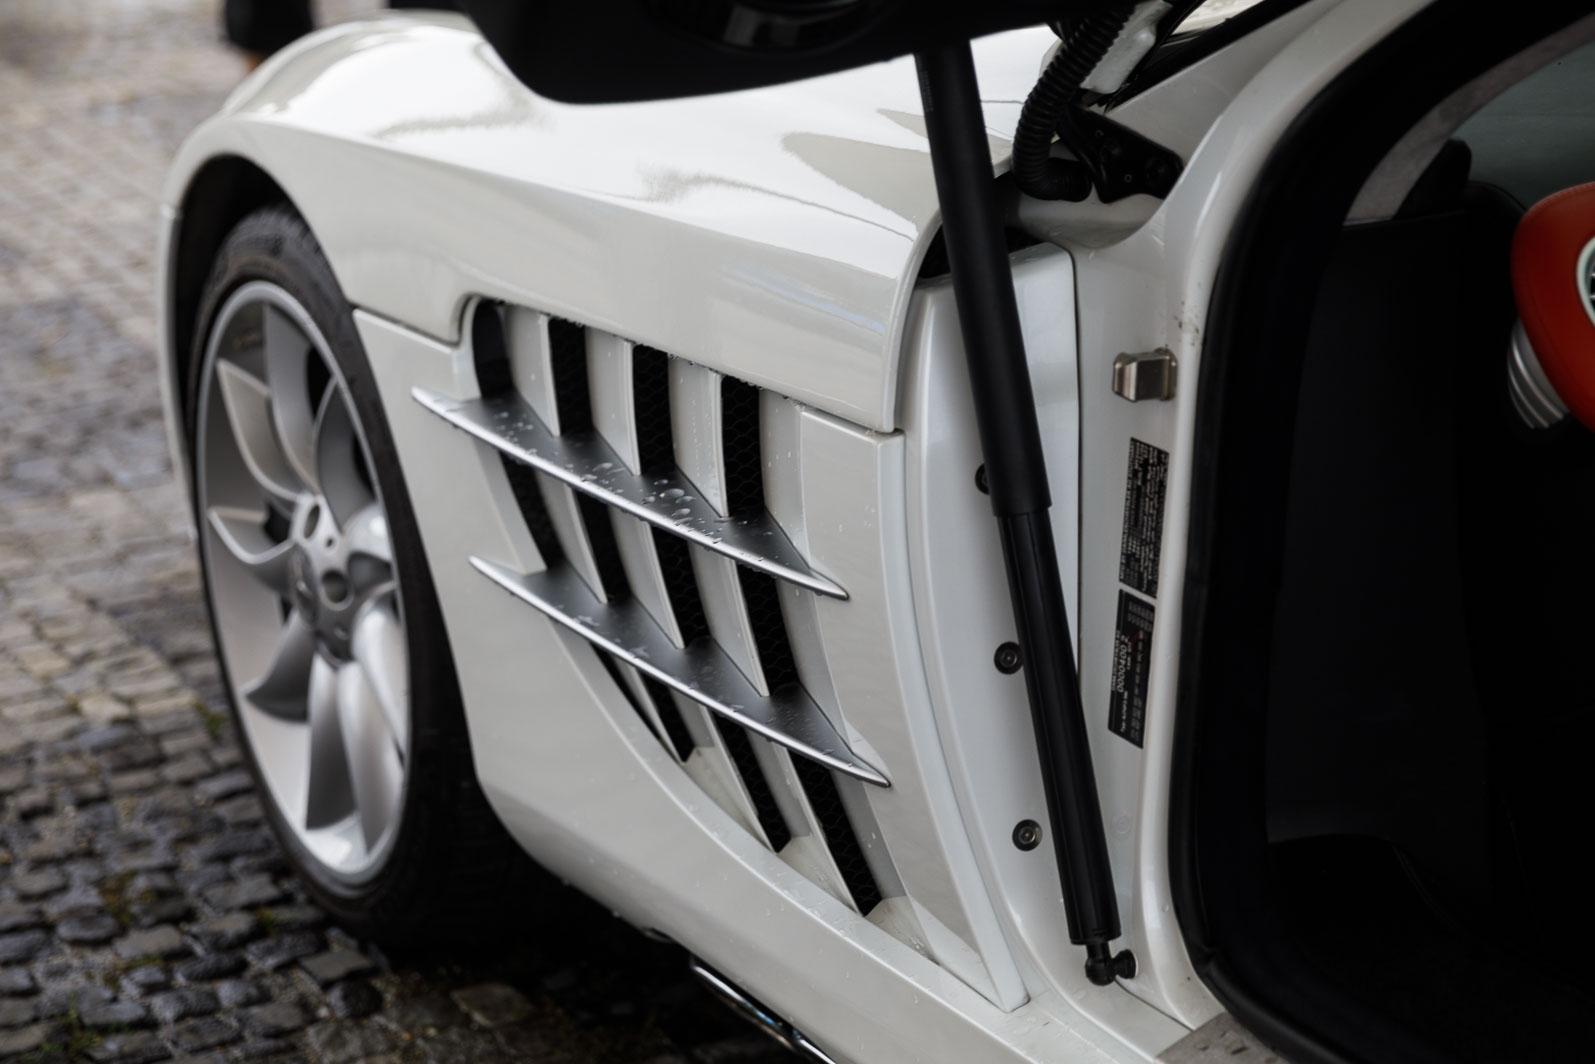 Na Revival Brno 2020 sa predviedol Talbot, ktorý zbiera svetové ocenenia WAvfc71wxr 3-mercedes-8